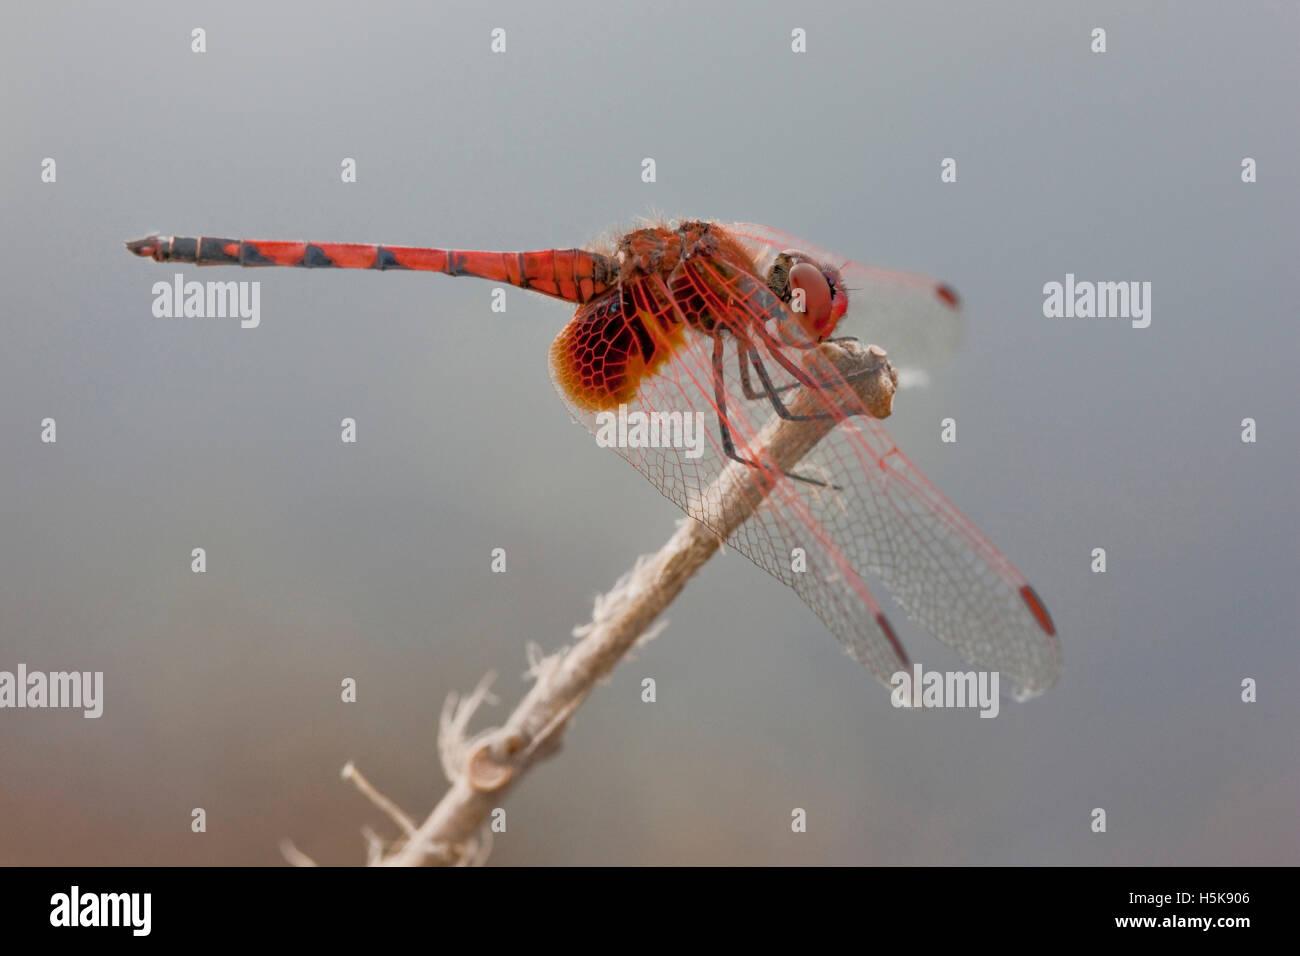 Dragonfly (Anisoptera), Hwange National Park, Zimbabwe, Africa Stock Photo